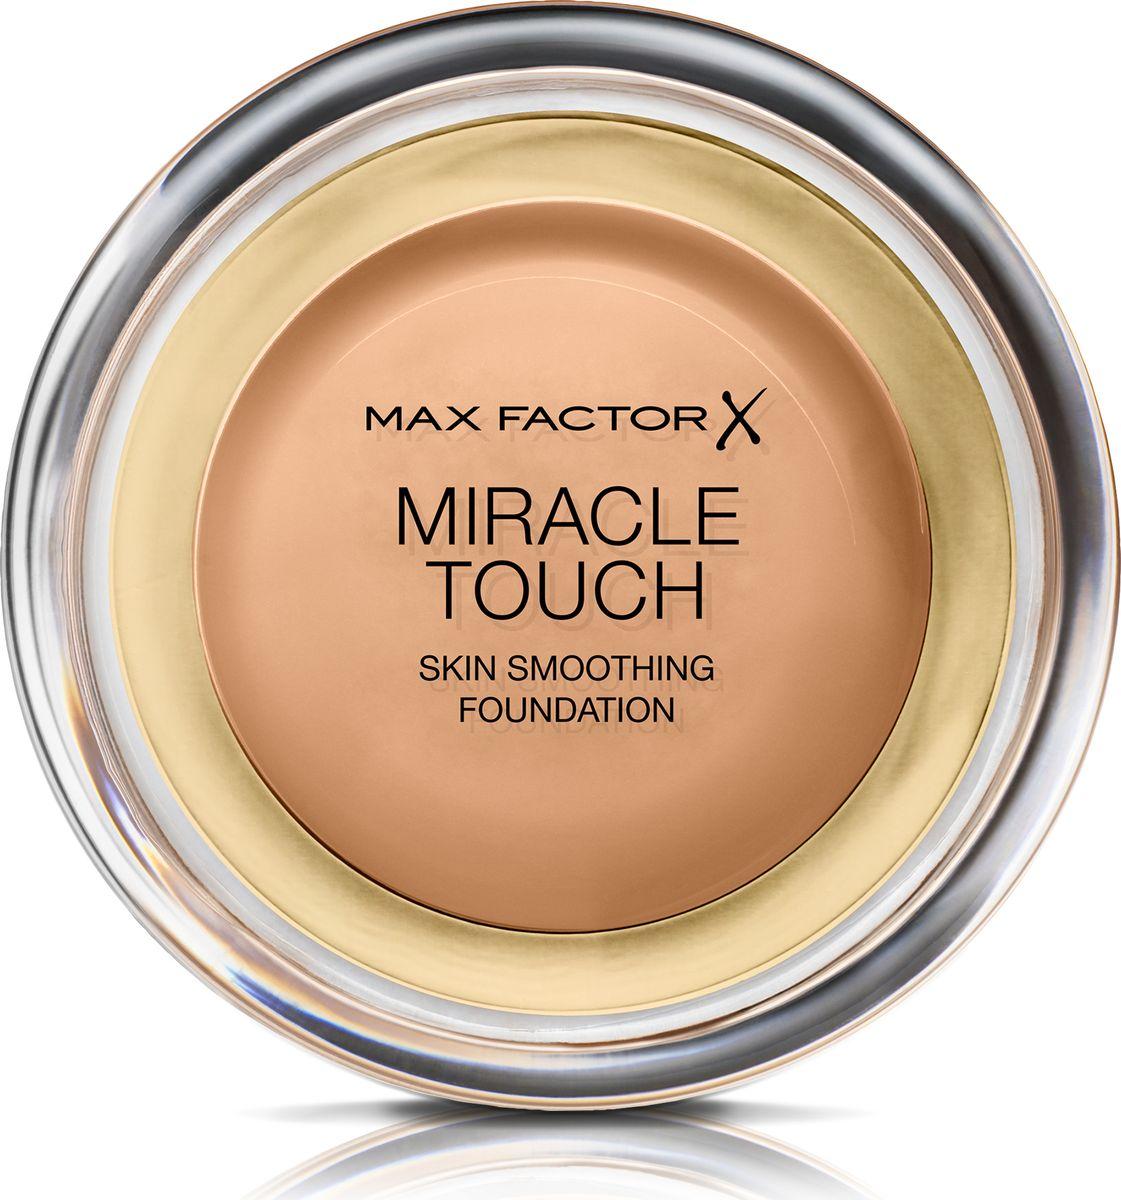 Max Factor Тональная Основа Miracle Touch Тон 80 bronze 11,5 гр29199601056Уникальная универсальная тональная основа MaxFactorMiracleTouch обладает кремообразной формулой, благодаря которой превосходно подготовить кожу для макияжа очень легко. Всего один слой без необходимости нанесения консилера или пудры. Легкая твердая тональная основа тает в руках и гладко наносится на кожу, создавая идеальное, безупречно блестящее и равномерное покрытие, не слишком прозрачное и не слишком плотное. В результате кожа выглядит свежей, необычайно ровной и приобретает сияние. Чтобы создать безупречное покрытие, можно нанести всего один легкий слой тональной основы или же сделать покрытие более плотным благодаря специальной формуле. Тональная основа подходит для всех типов кожи, включая чувствительную кожу, и не вызывает угревой сыпи, так как не закупоривает поры. Спонж в комплекте для простого и аккуратного нанесения где угодно. Идеальное покрытие в один слой- консилер и пудра не нужны. Умеренное или плотное покрытие благодаря специальной формуле. Не вызывает угревую сыпь и не закупоривает поры. Дерматологически протестировано, подходит для чувствительной кожи.Удобная компактная форма, которую легко держать в руках, со спонжем для быстрого и простого нанесения. Идеальный оттенок должен соответствовать тону кожи на линии подбородка. Для получения наиболее профессионального результата с помощью спонжа, входящего в комплект, нанеси тональную основу MiracleTouchLiquidIllusion и распредели ее от центра лица к краям. Чтобы скрыть темные круги и недостатки кожи, наноси основу краем спонжа. Всегда наноси продукт при ярком дневном освещении.